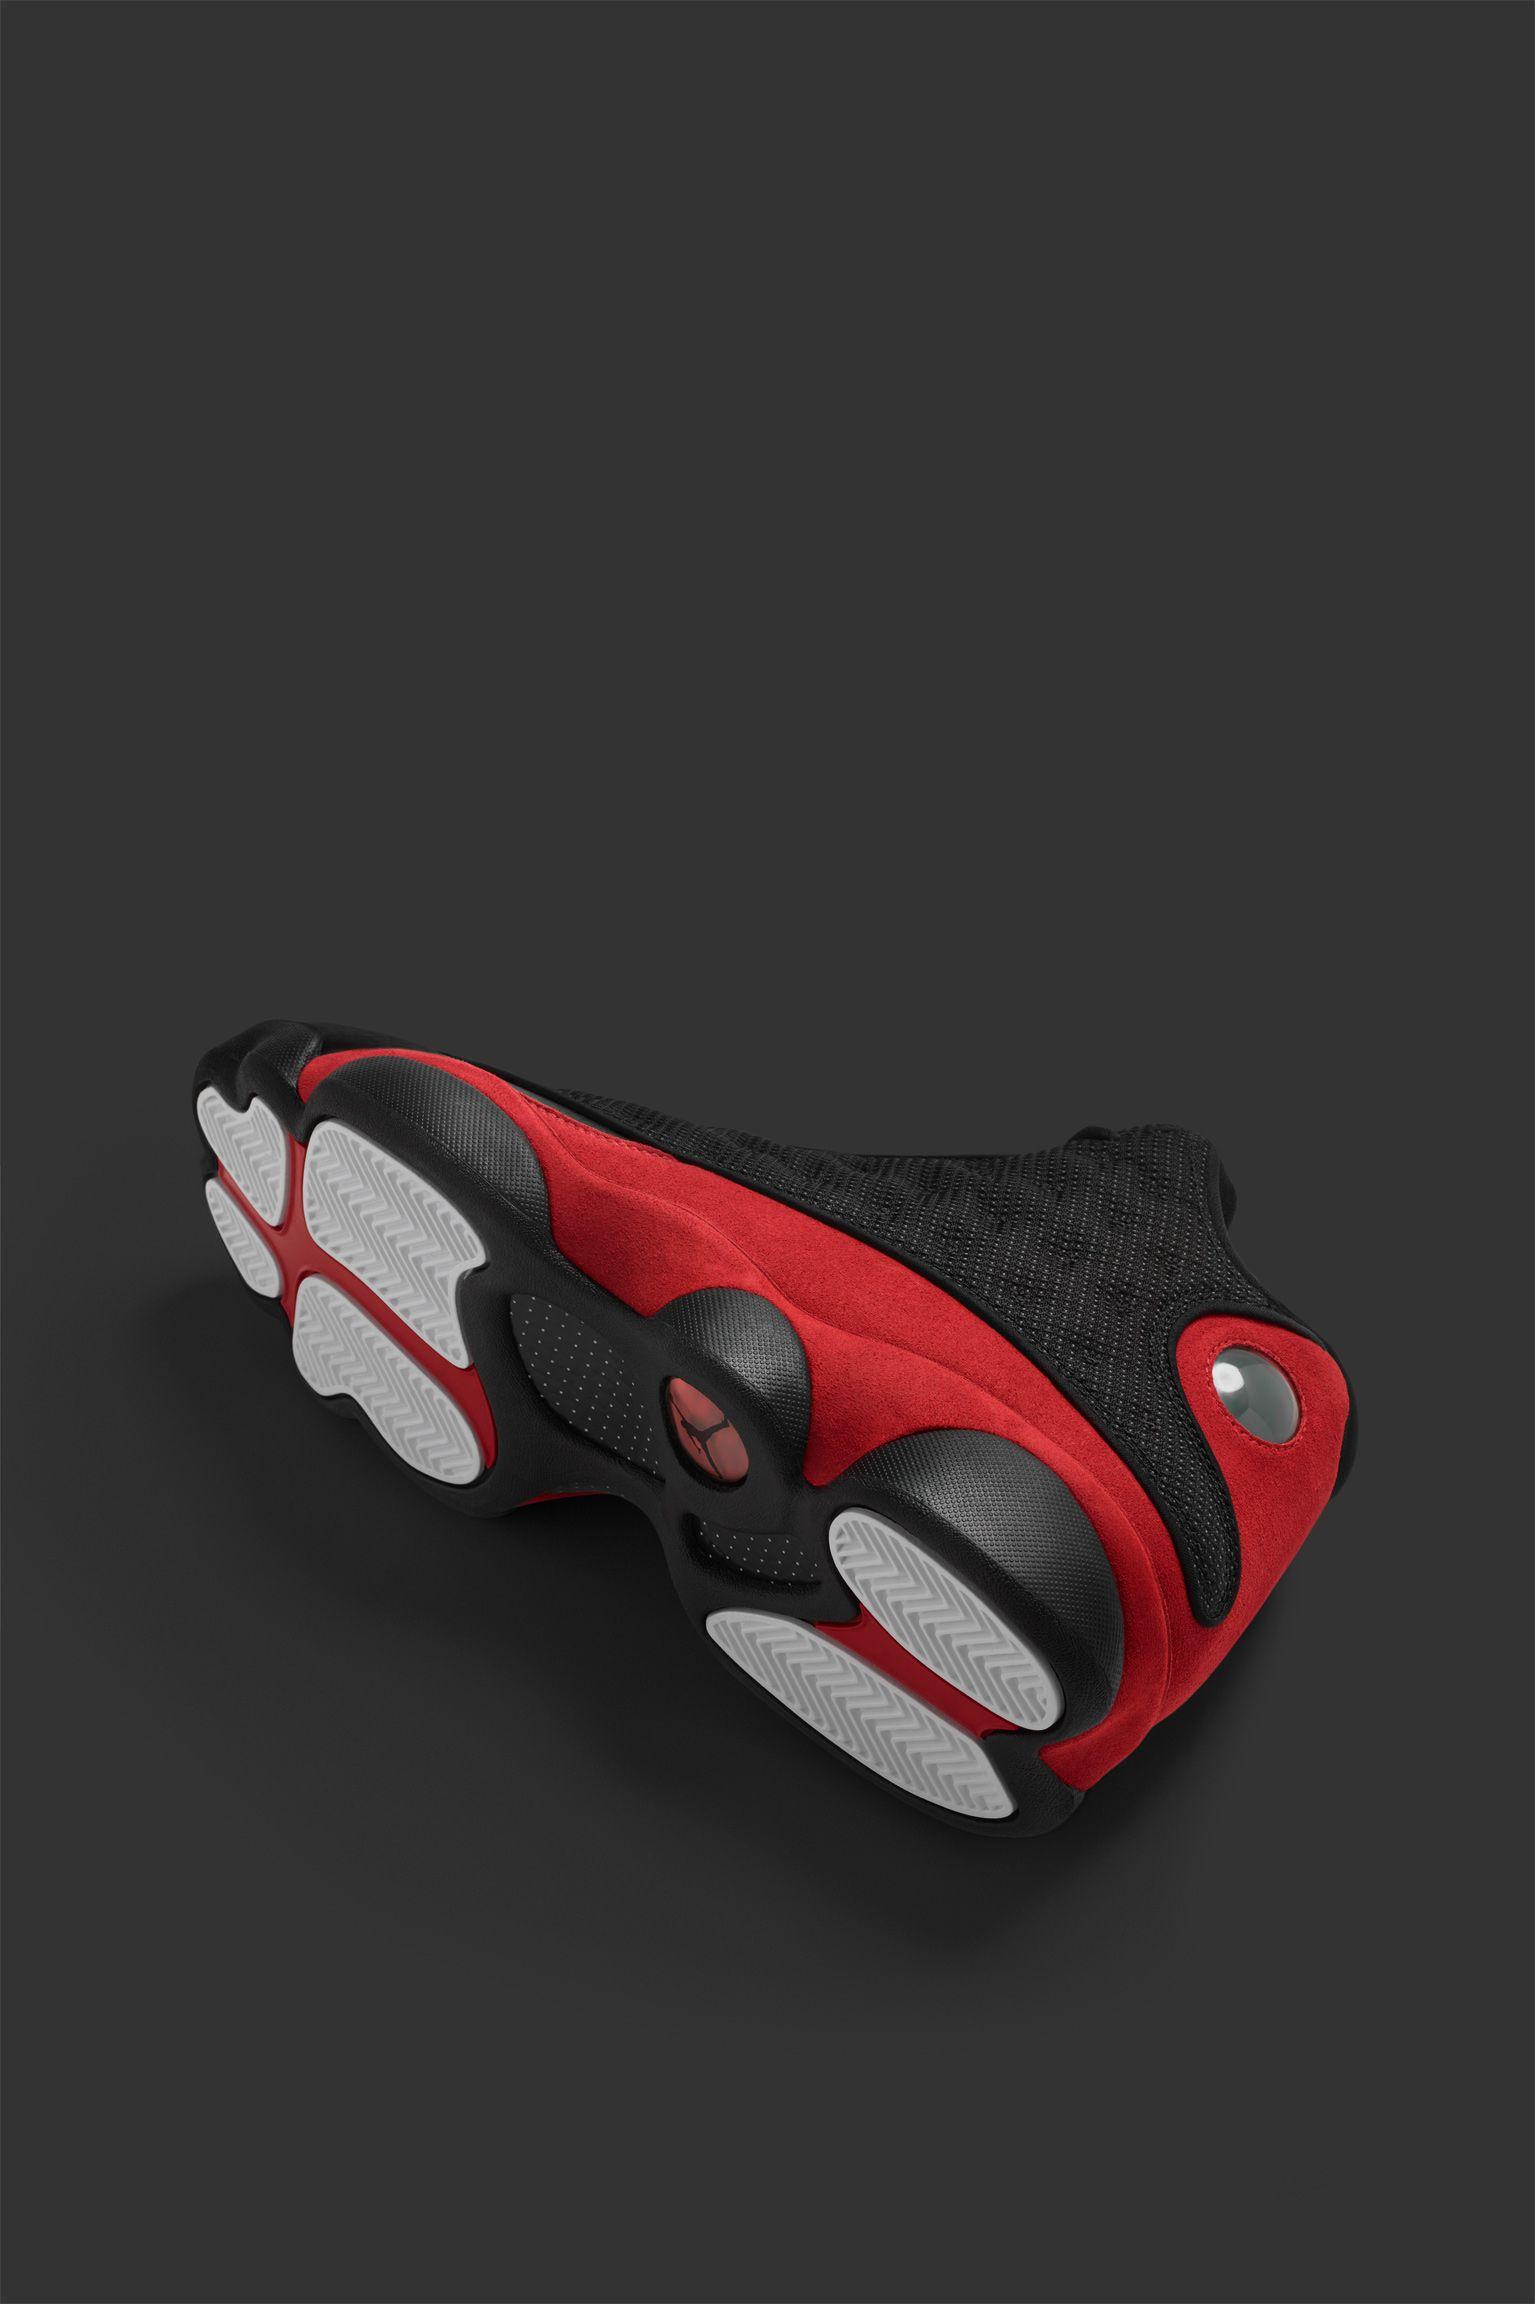 Air Jordan 13 Retro 'Bred' 2017 Release Date. Nike SNKRS